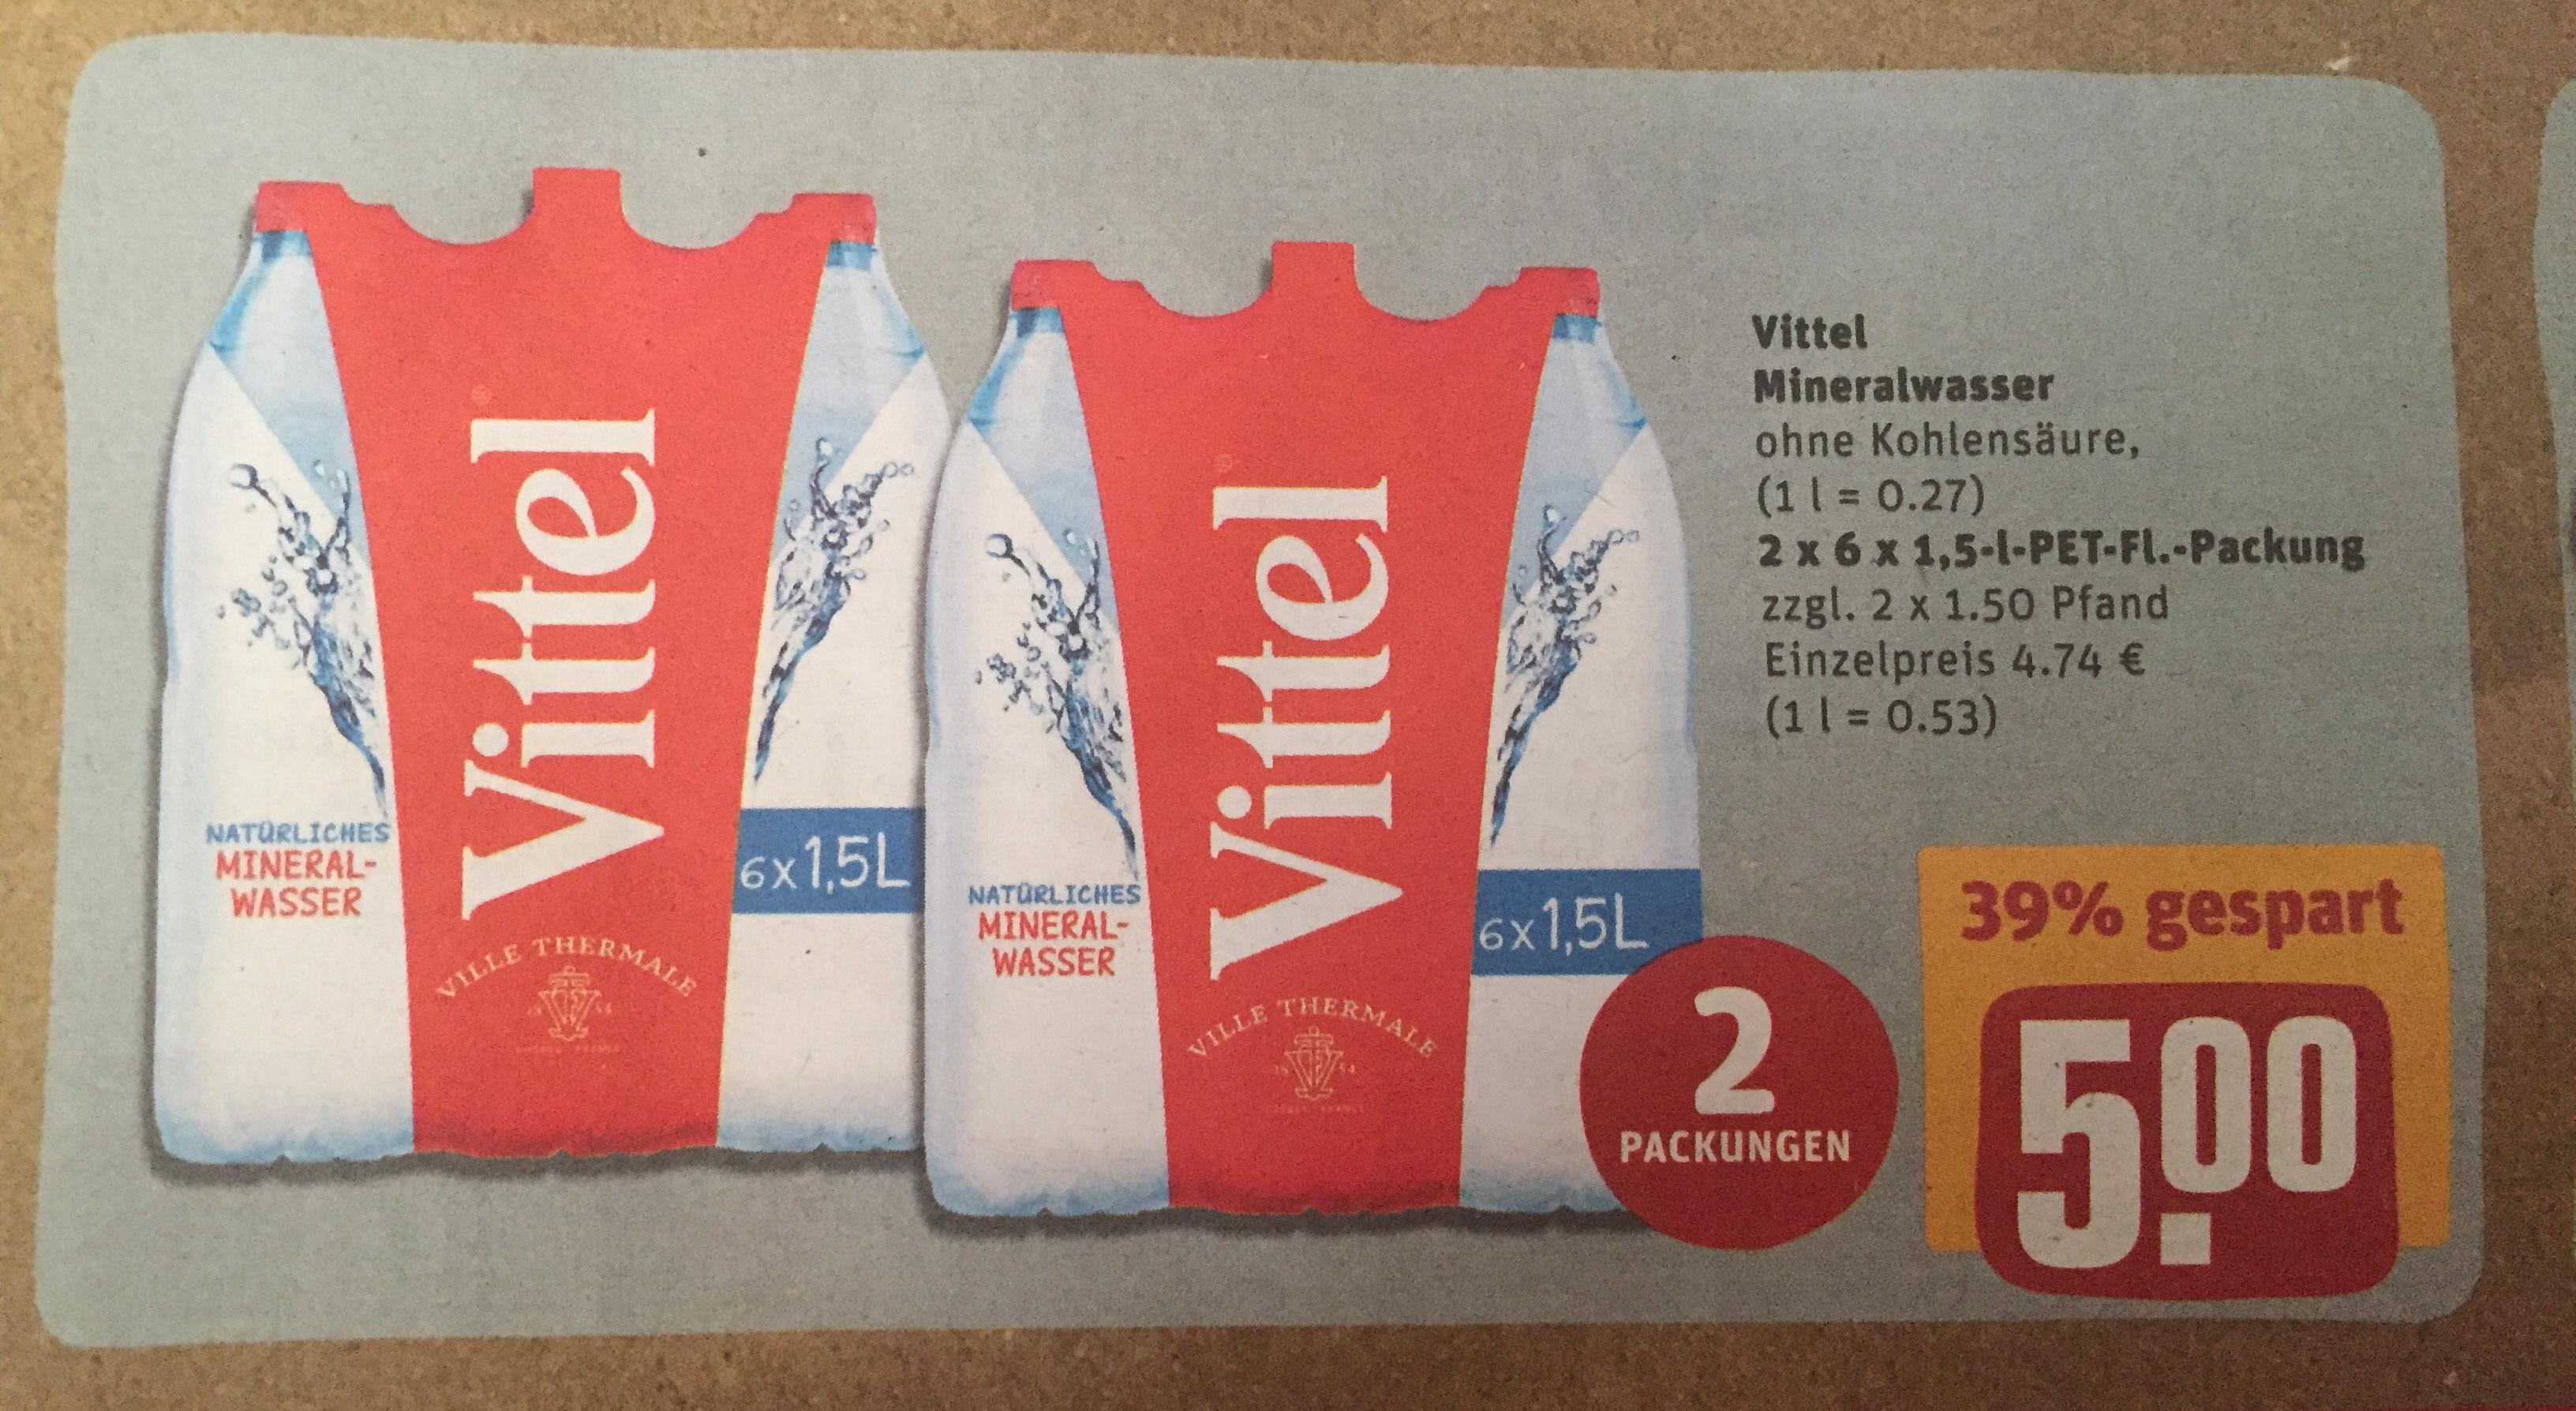 [Rewe] 2x 6x1,5 Liter VITTEL Mineralwasser => 0,27 Euro/Liter